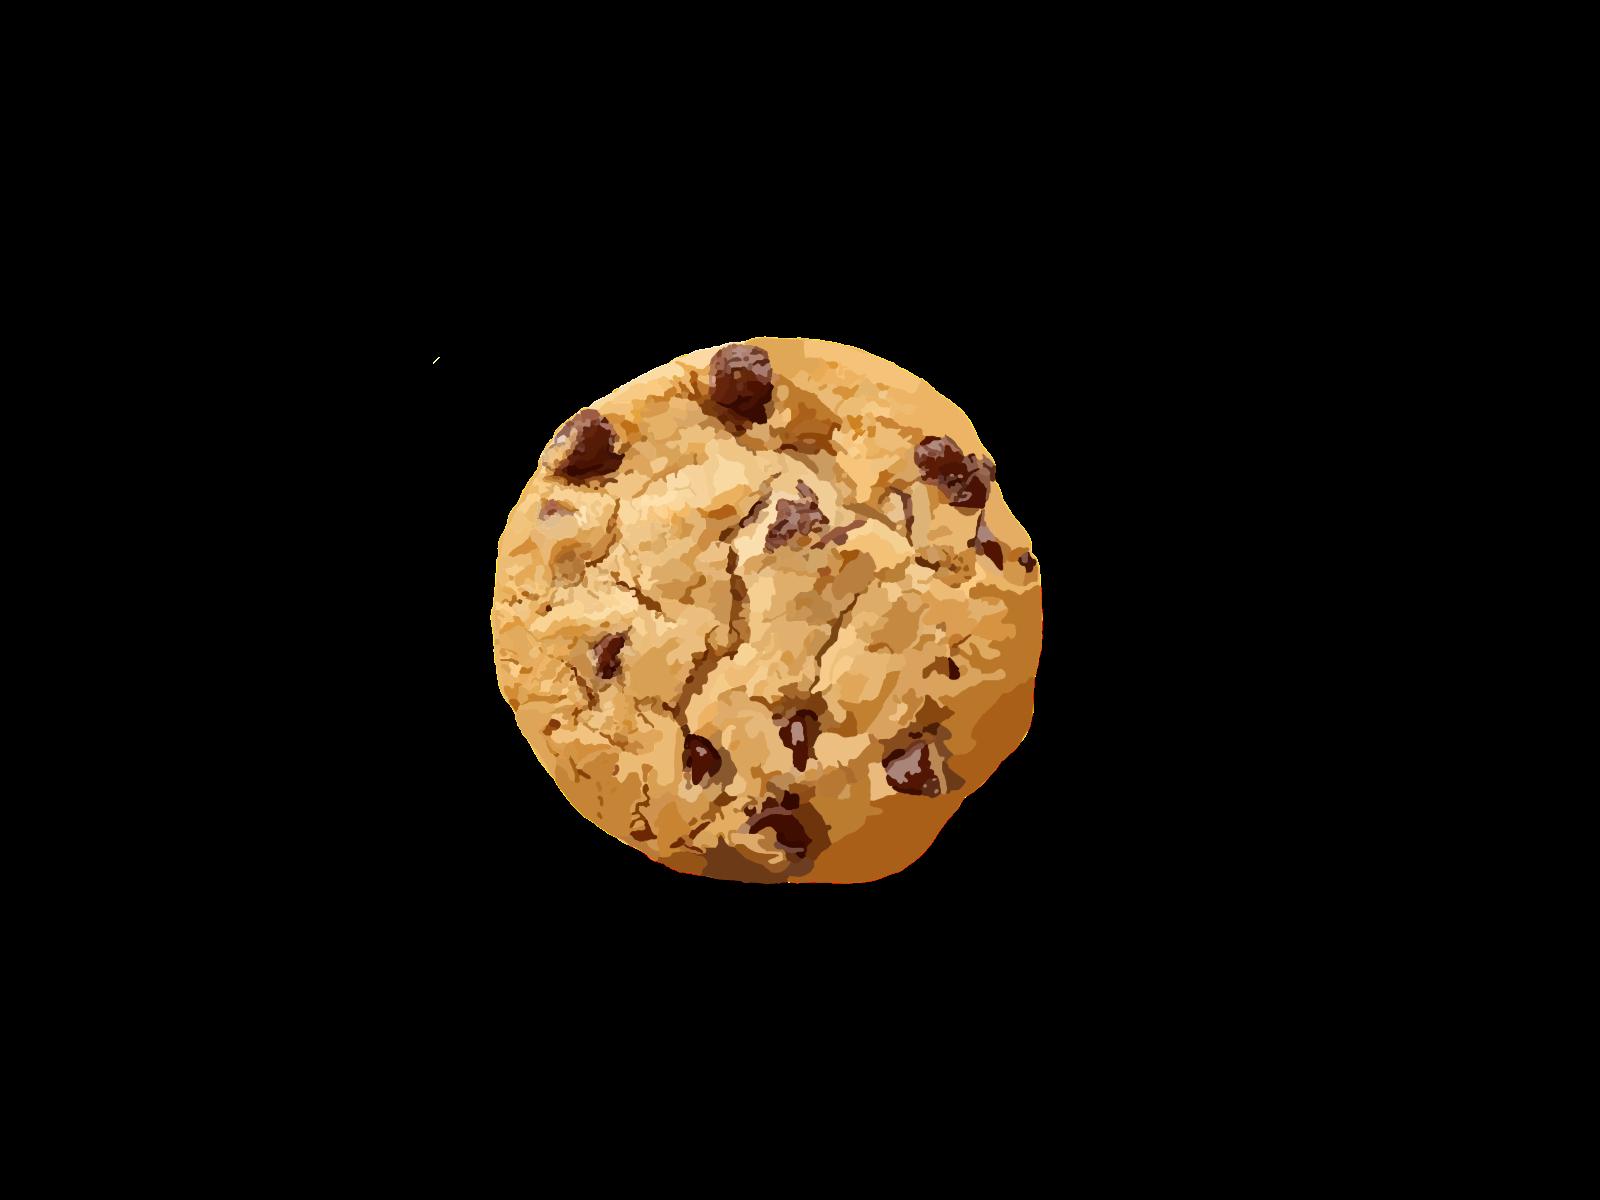 Cookie Sticker By Samimanz11 In 2021 Favorite Cookies Cookies Buy Cookies